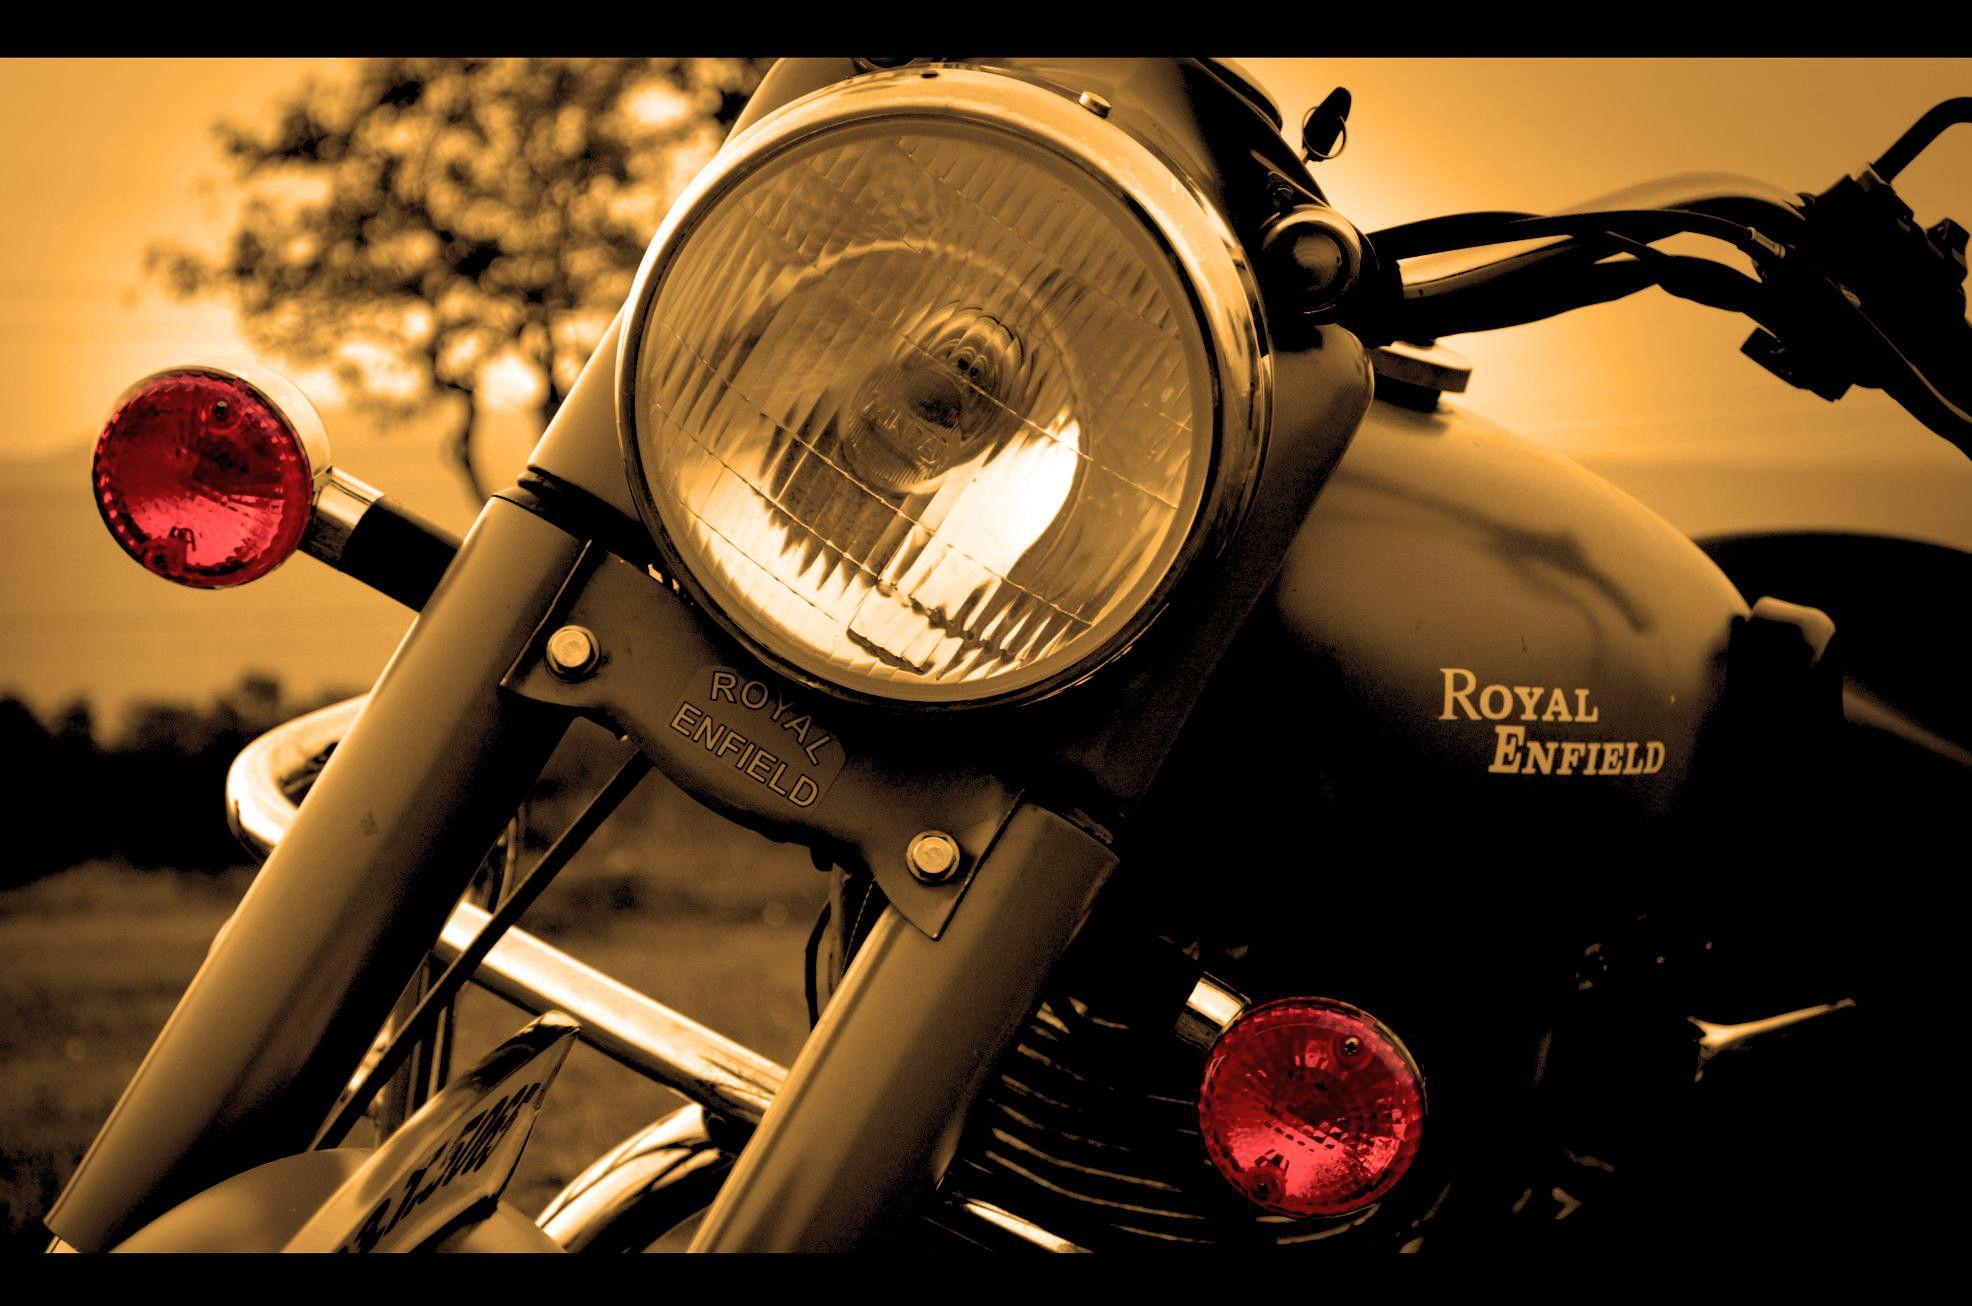 Download Royal Enfield Hd Desktop Wallpaper Royal Enfield Wallpaper Hd For Desktop Or Mobi In 2020 Royal Enfield Wallpapers Royal Enfield Hd Wallpapers Royal Enfield